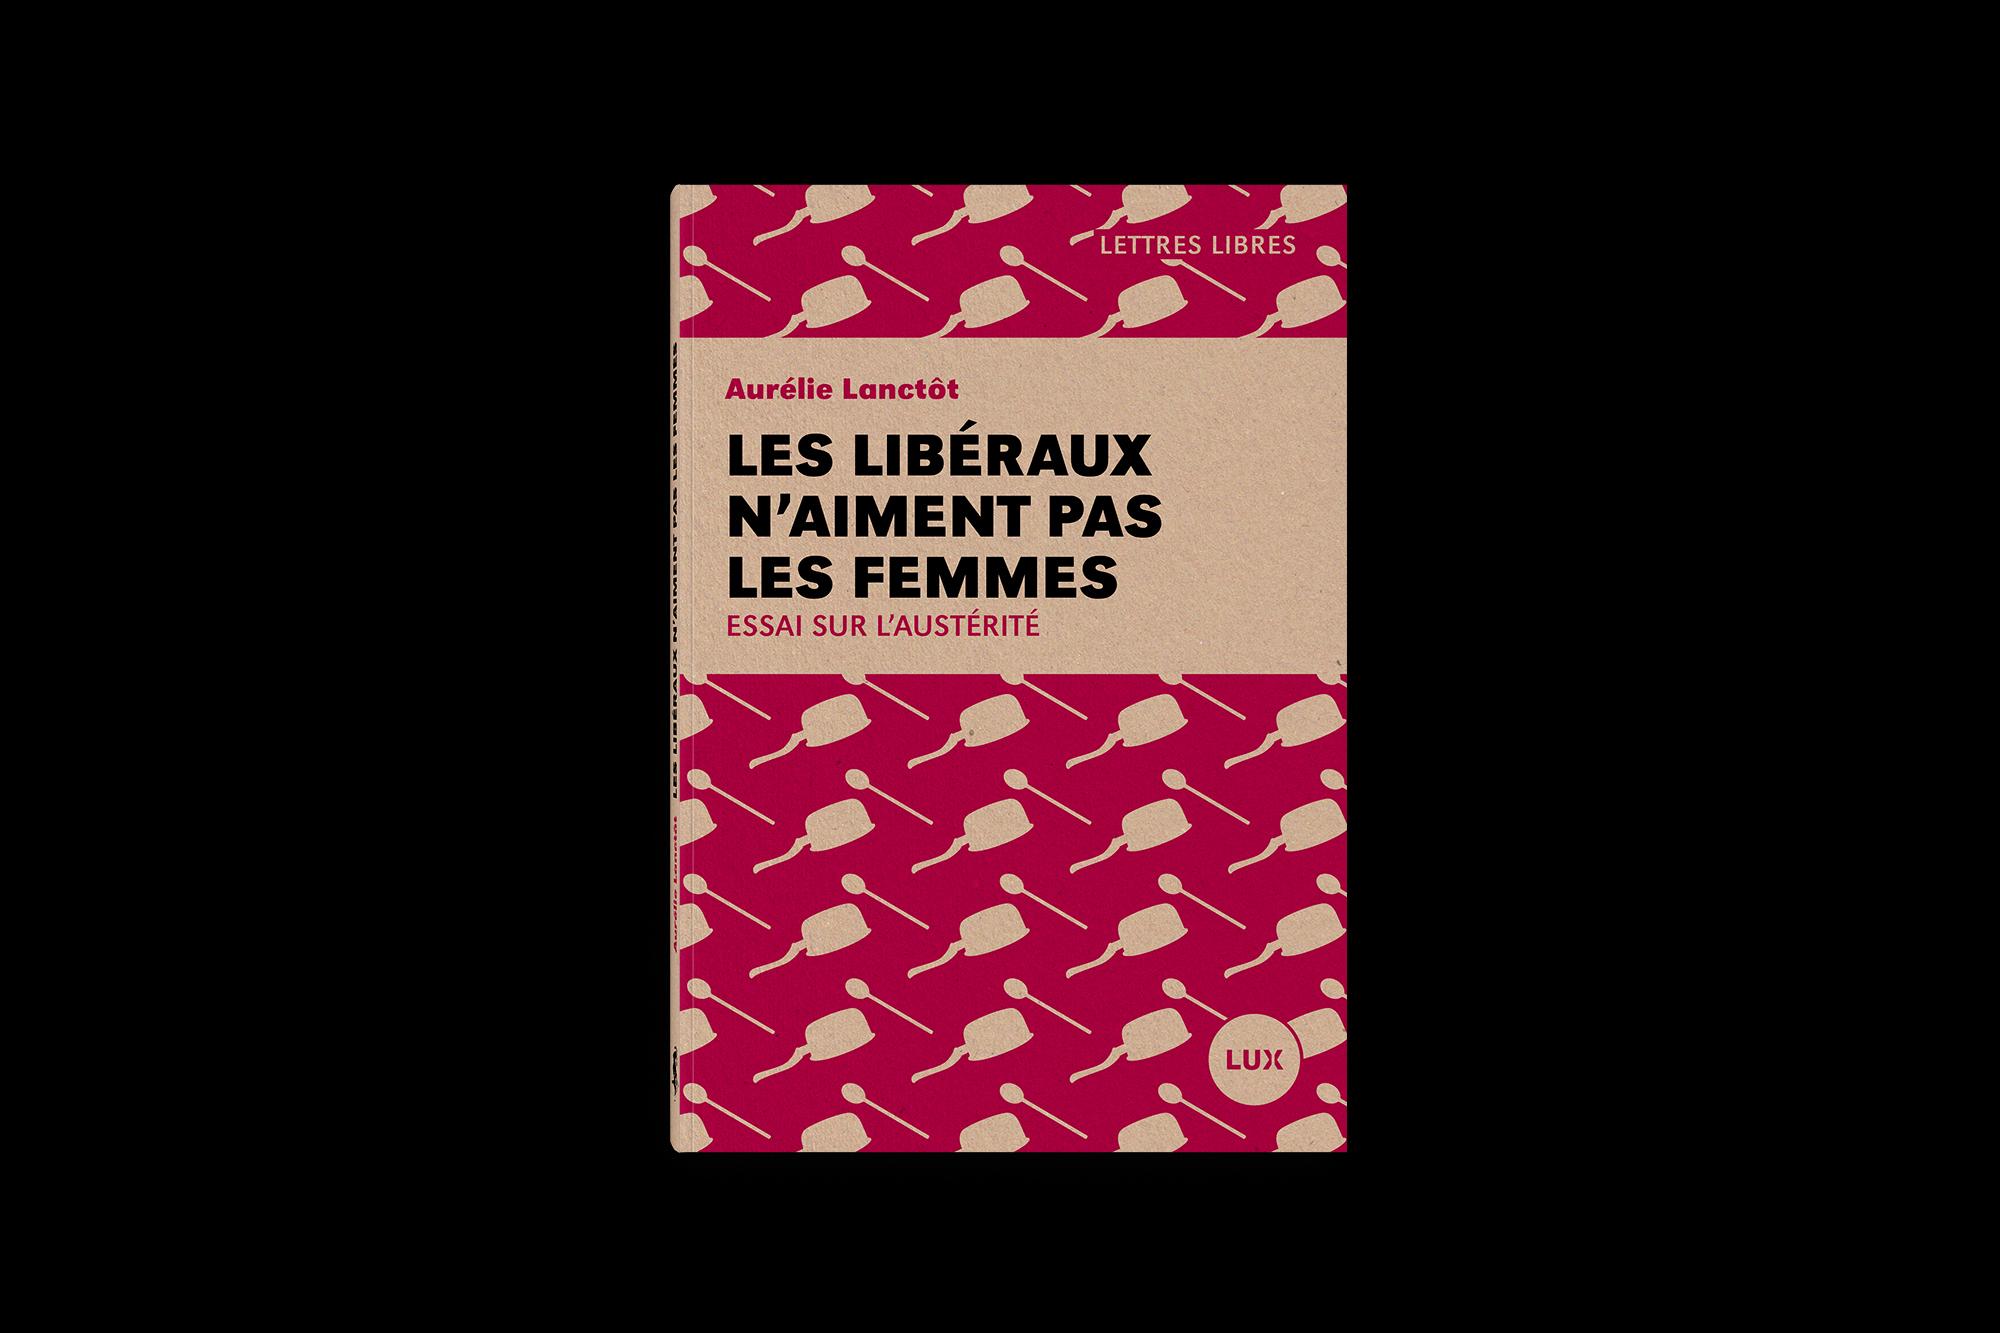 Lettres-libres-mockup-Libéraux